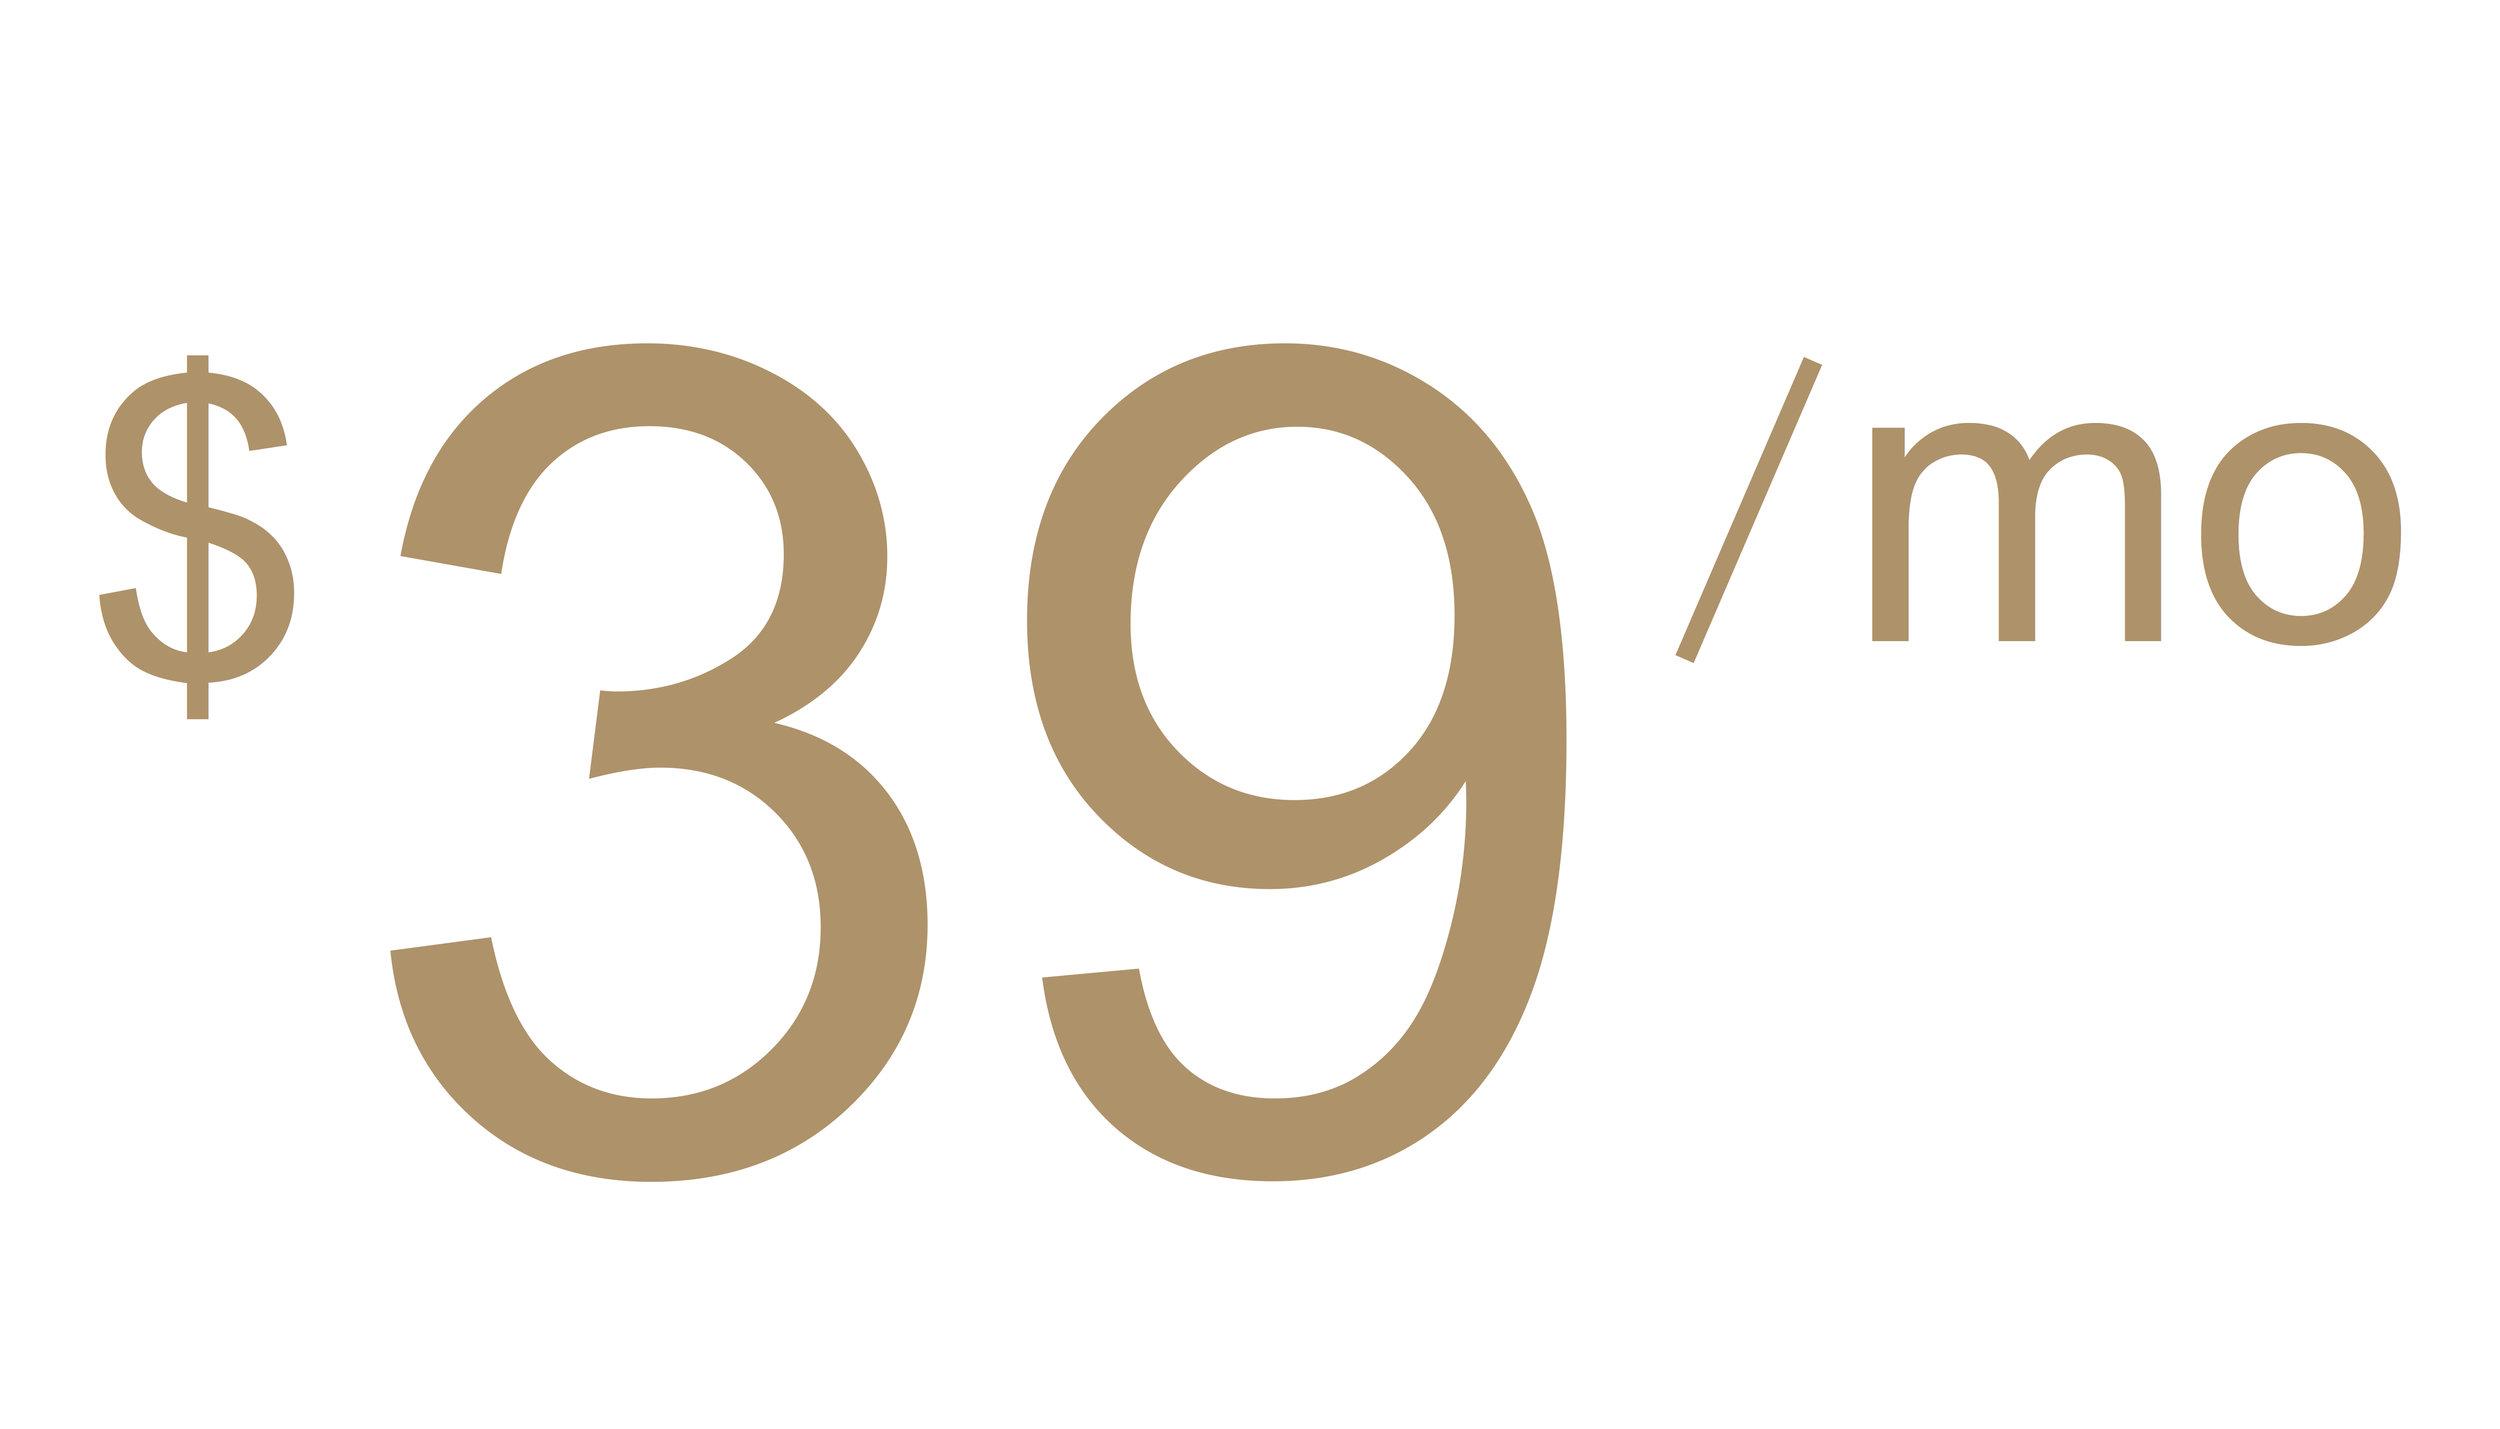 39.99.jpg